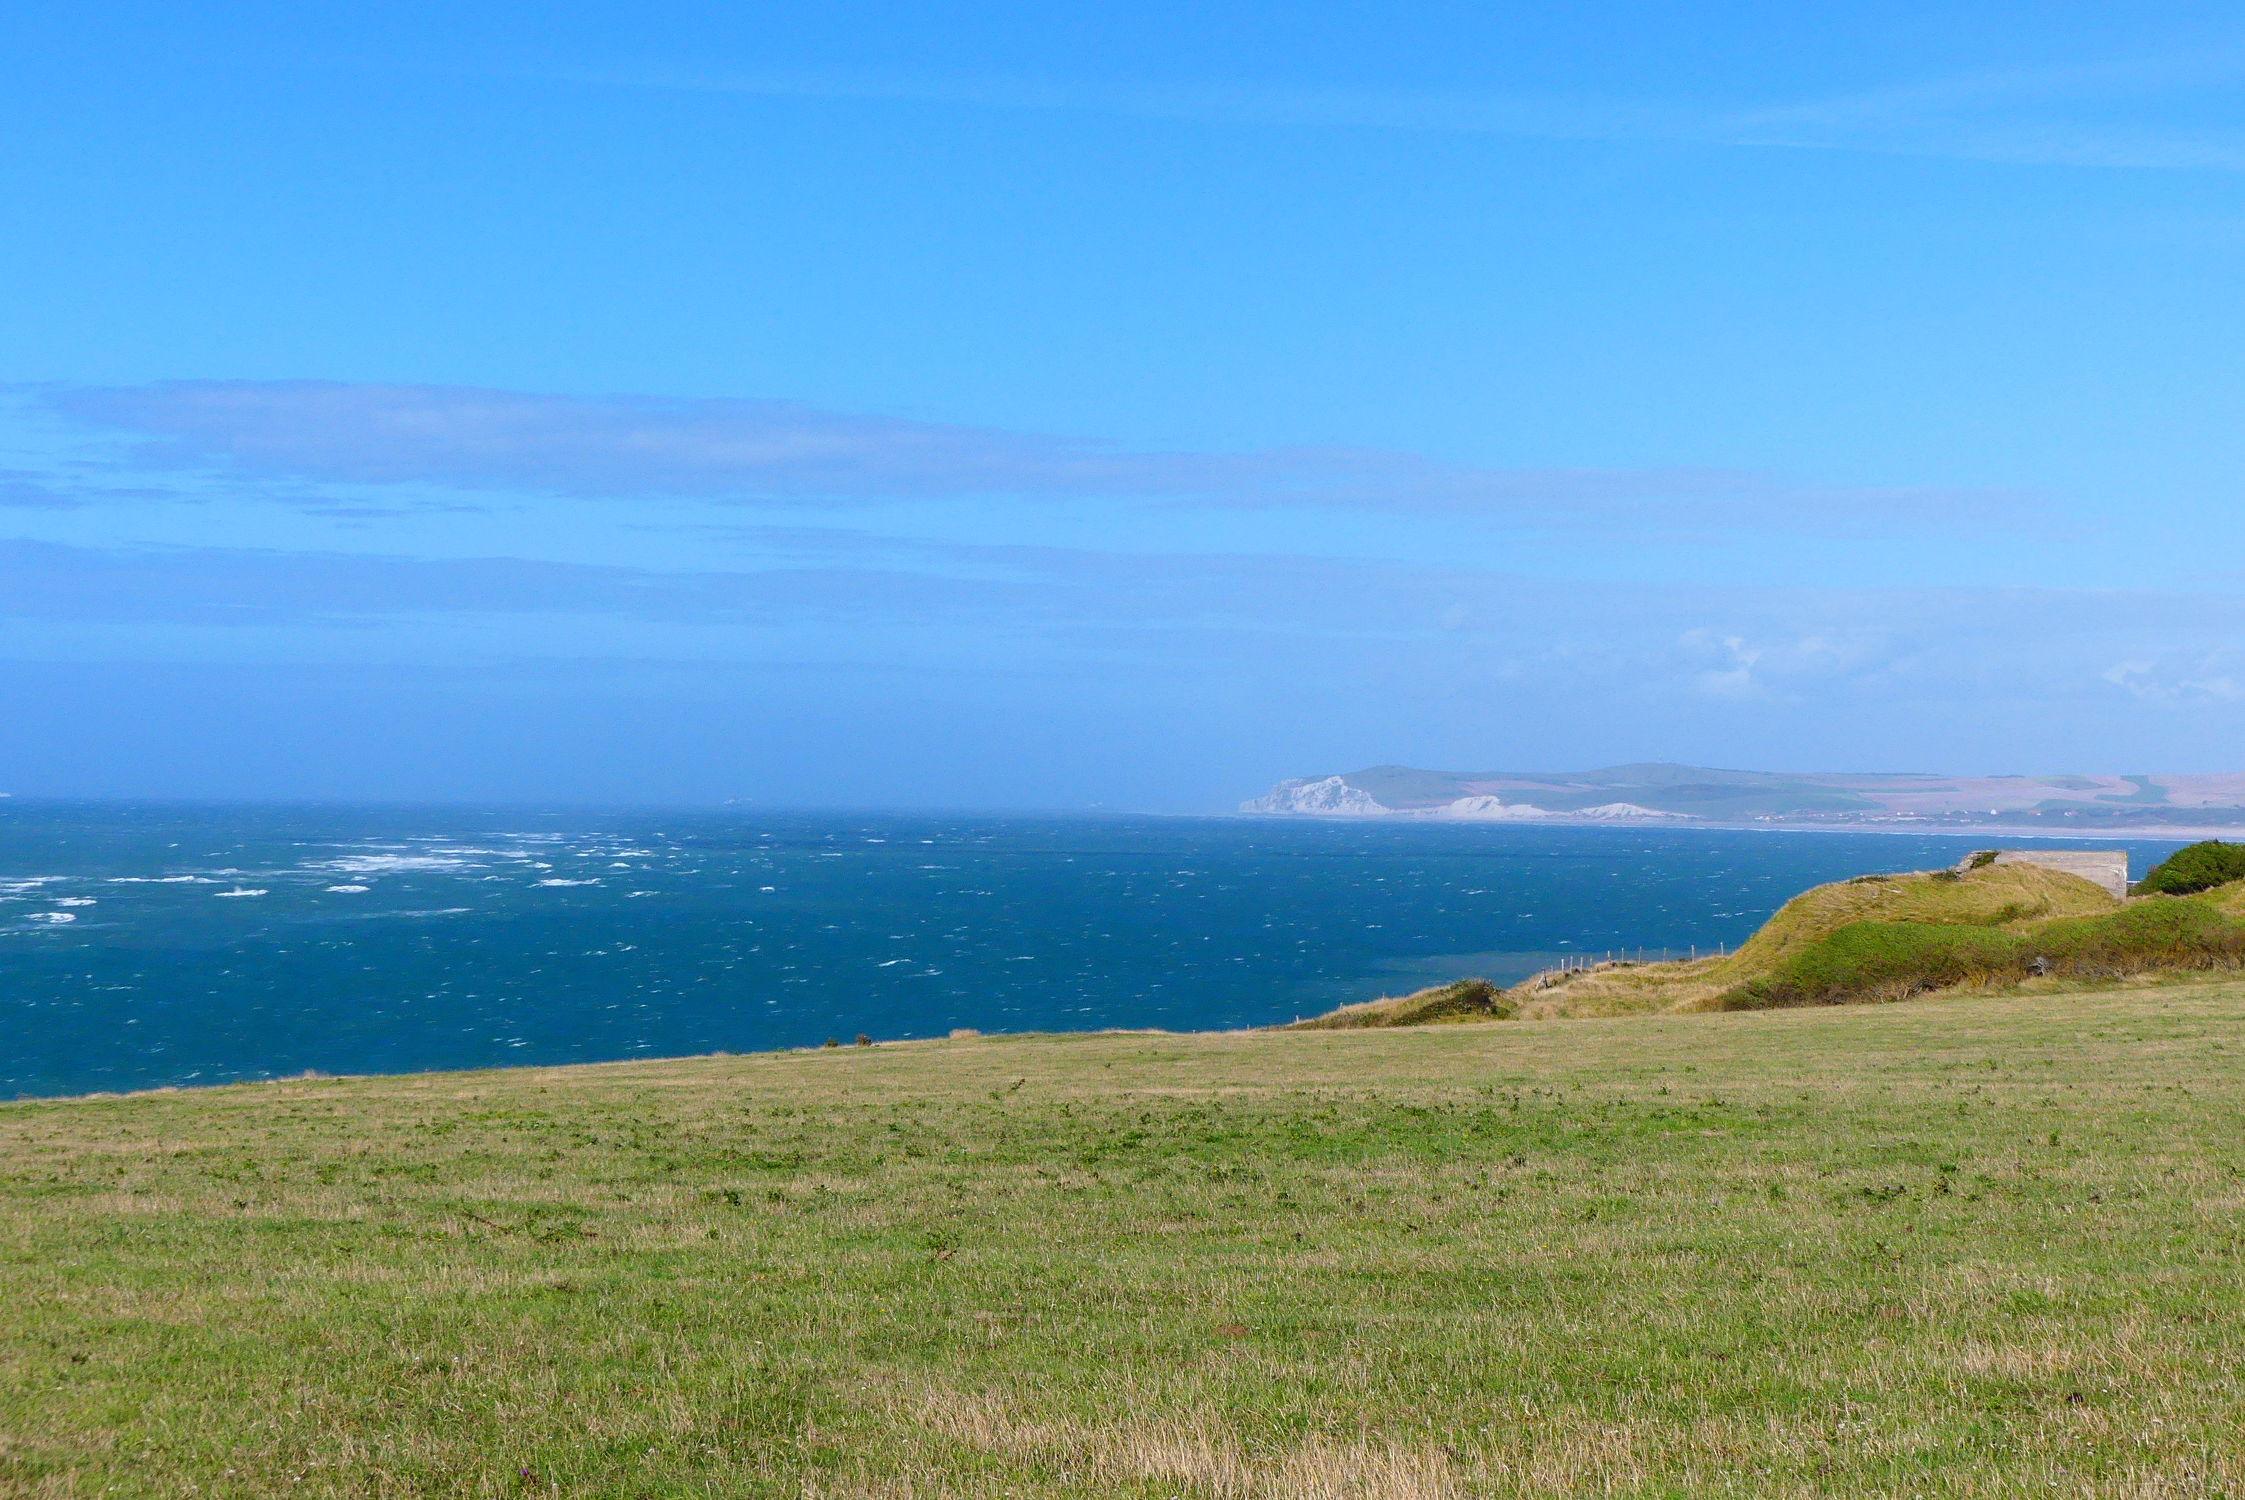 Bild mit Felsen, Frankreich, Meer, Blauer Himmel, Küste, aussicht